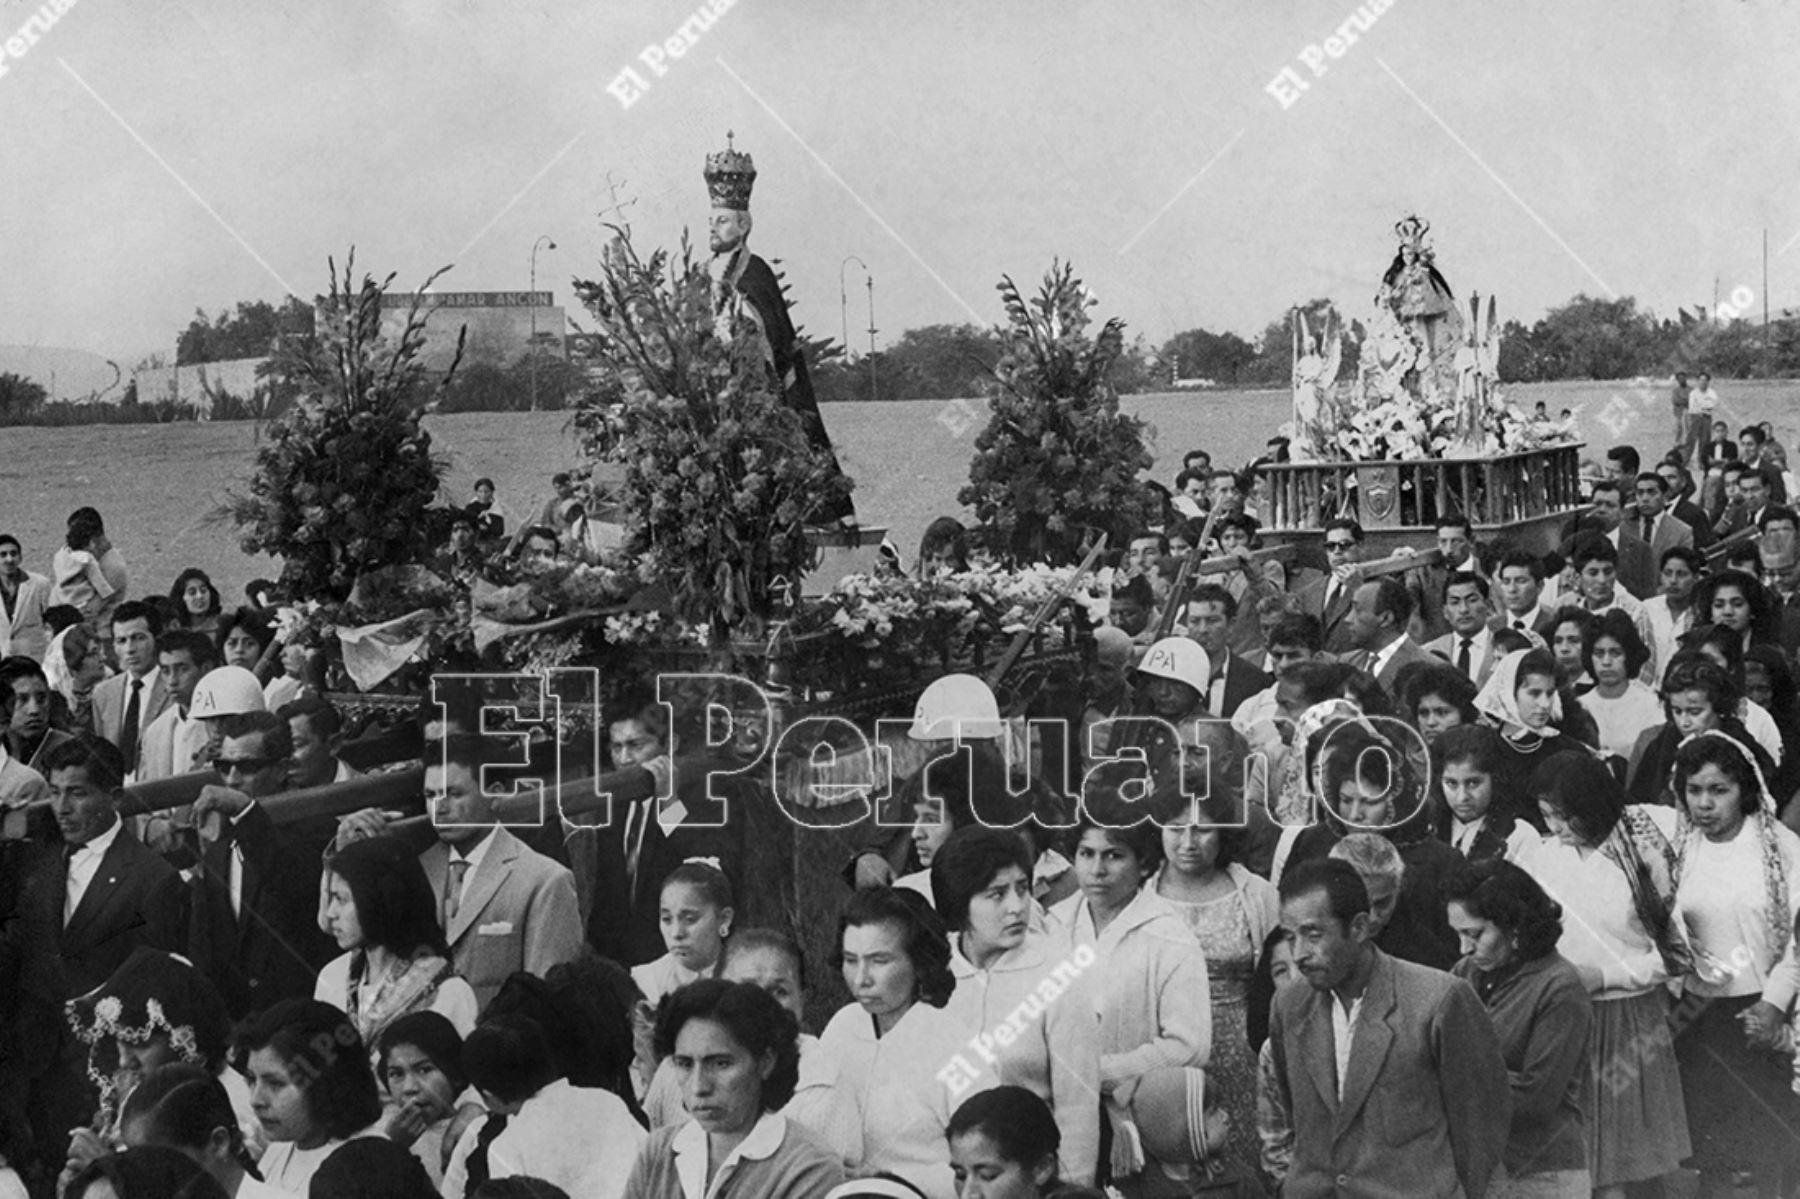 Lima - 29 junio 1962  / Procesión de San Pedro en Chorrillos.    Foto: Archivo Histórico de El Peruano / Máximo Miralles